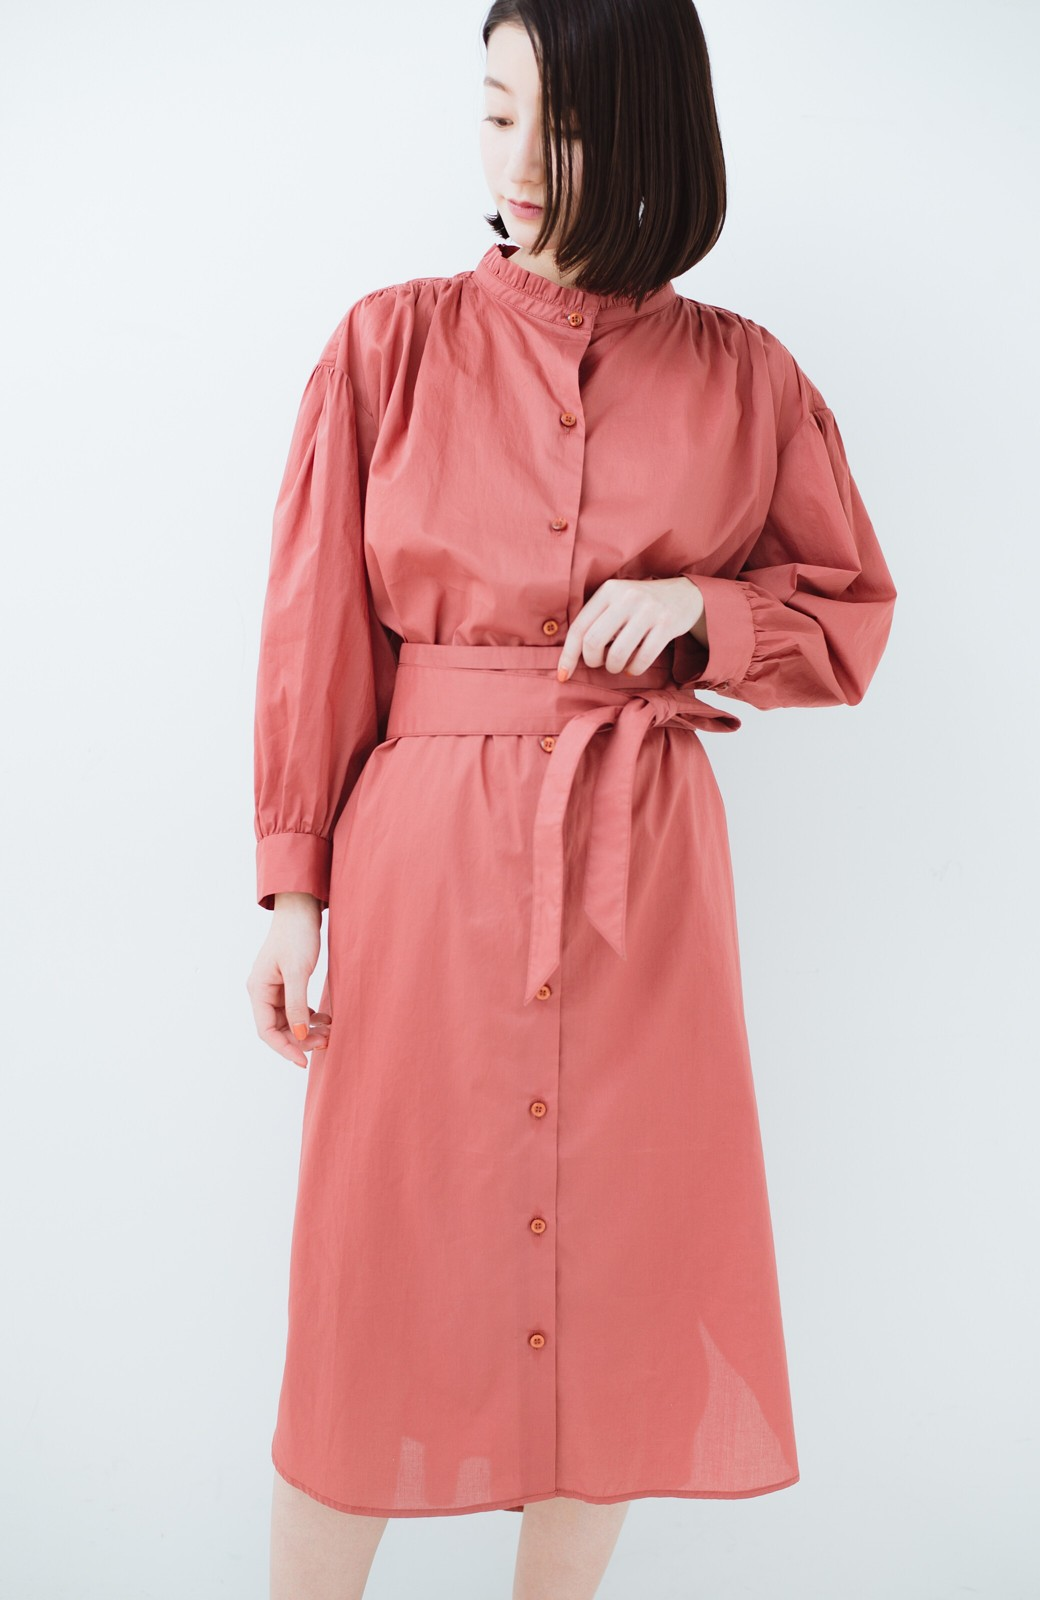 haco! 羽織りにもなって着回しのきくサッシュベルト付きシャツワンピース <ピンク>の商品写真2